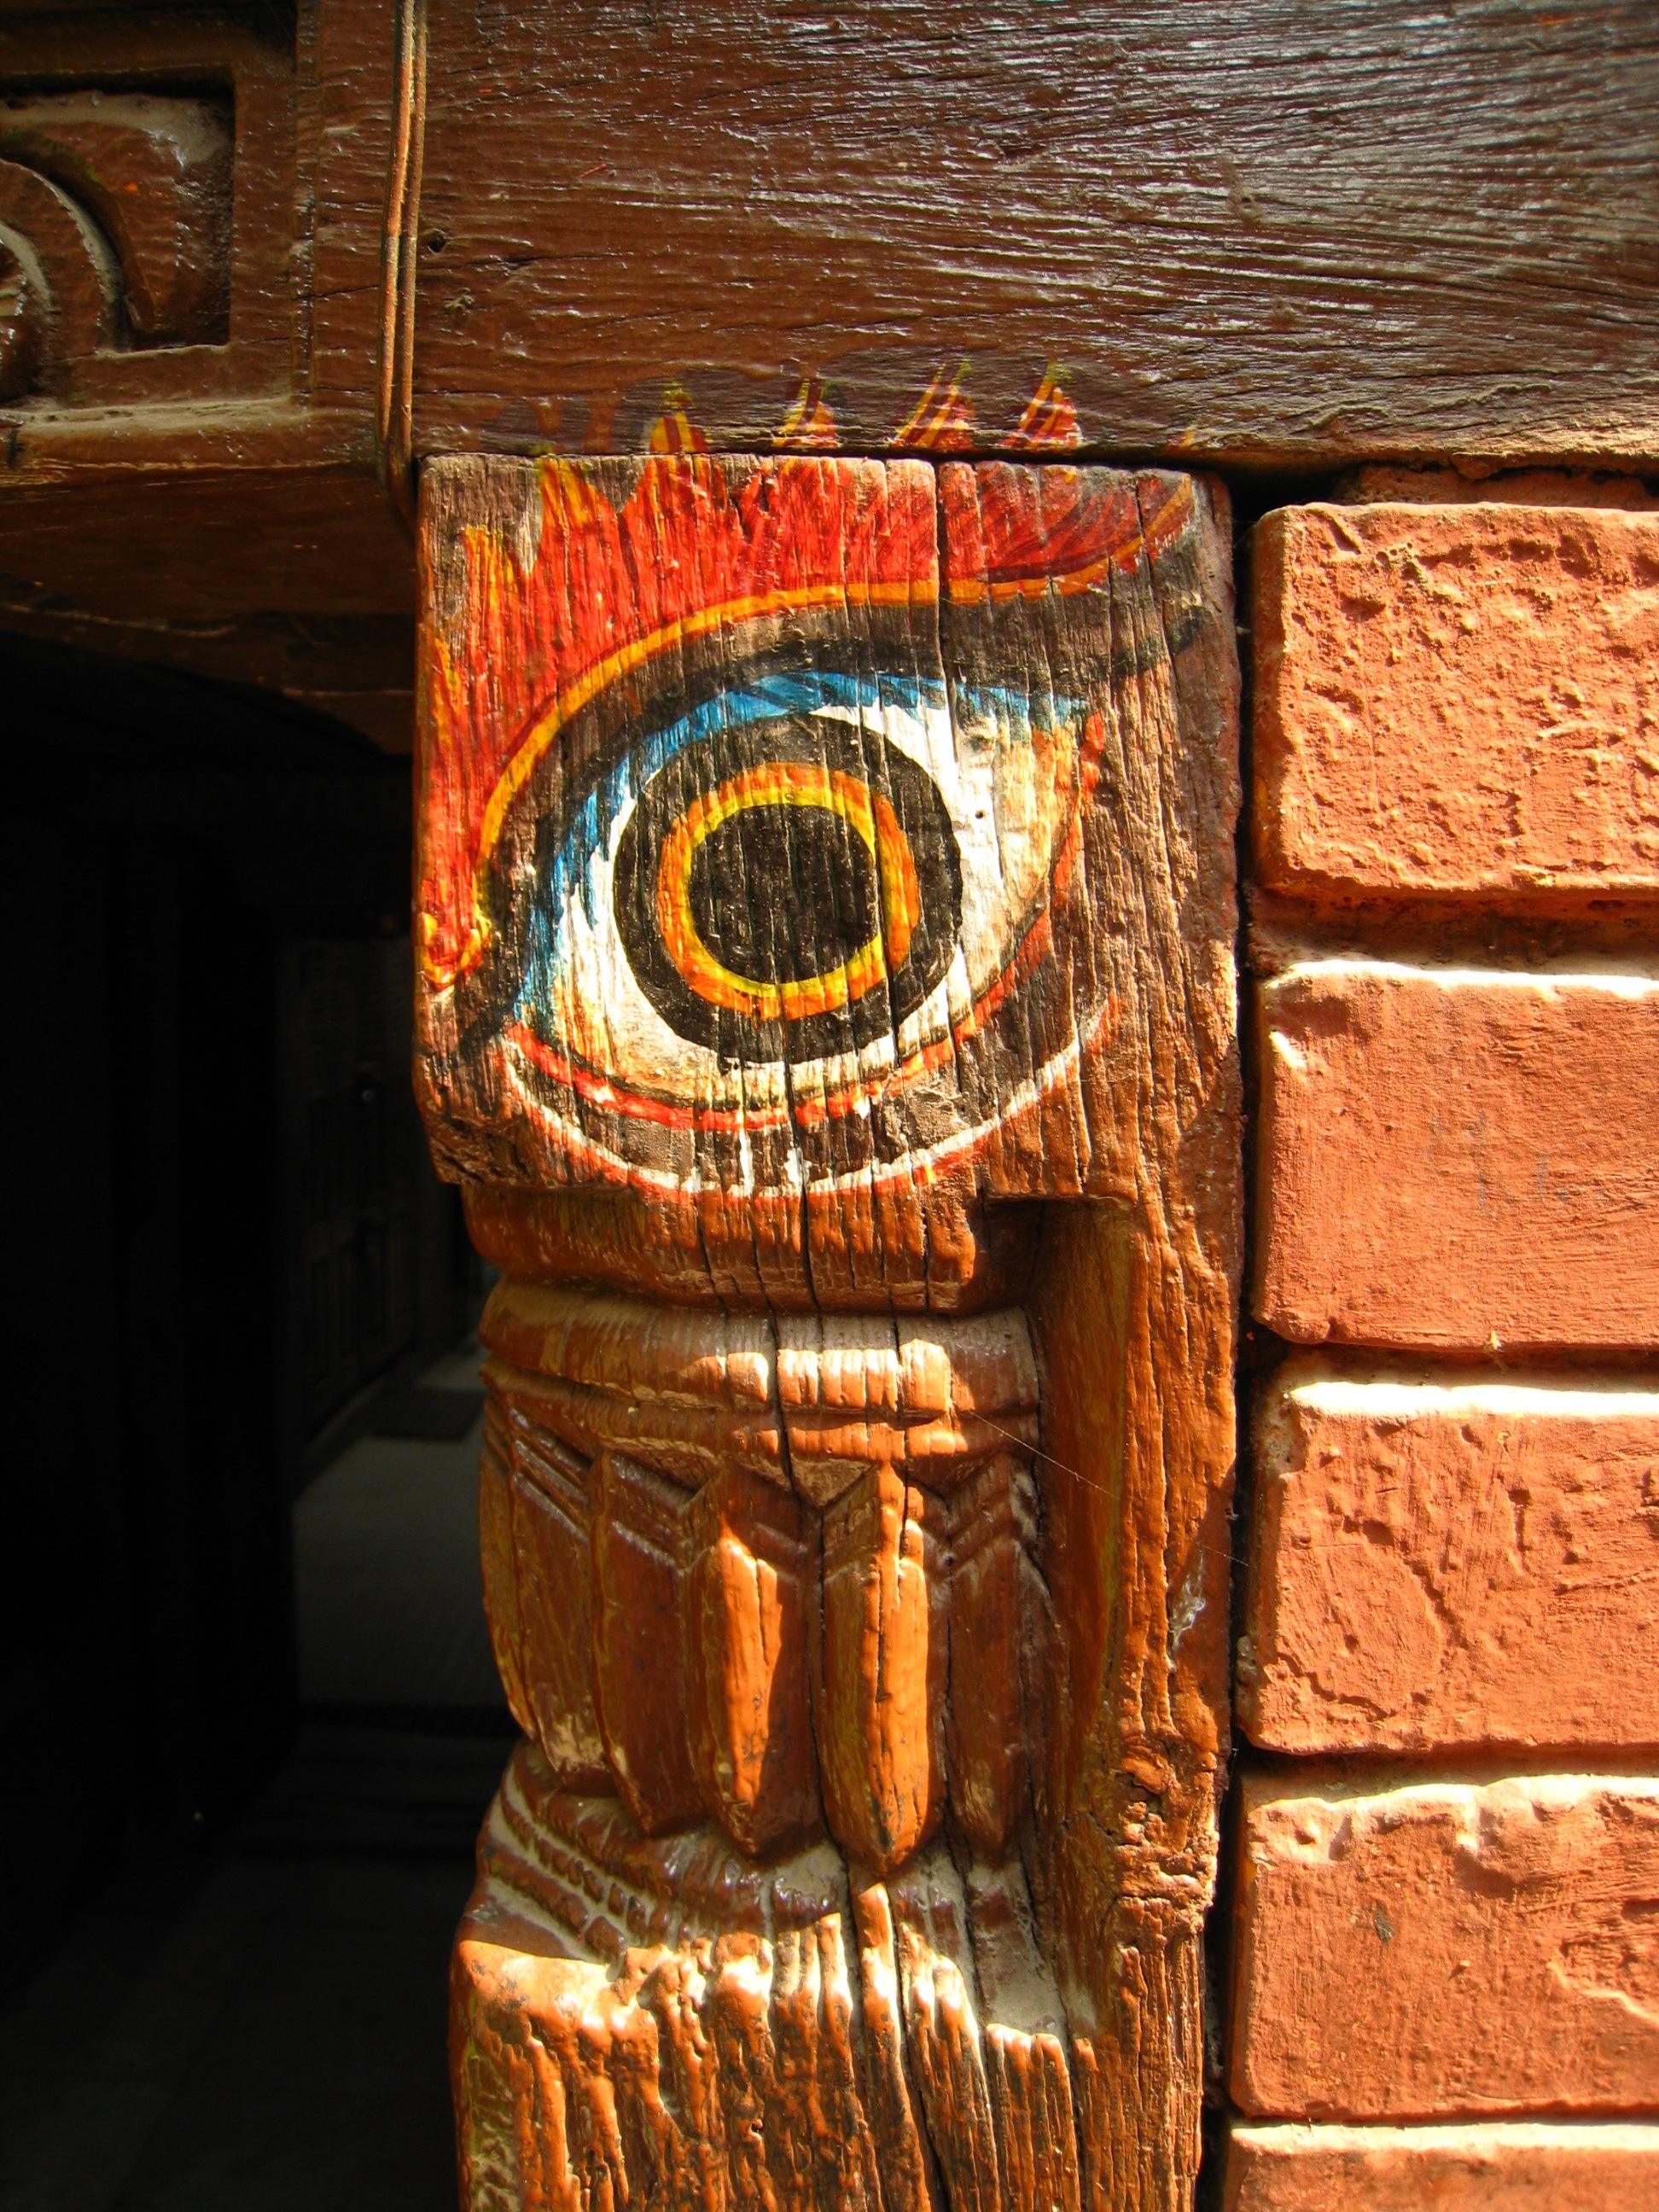 29 painted eye.jpg